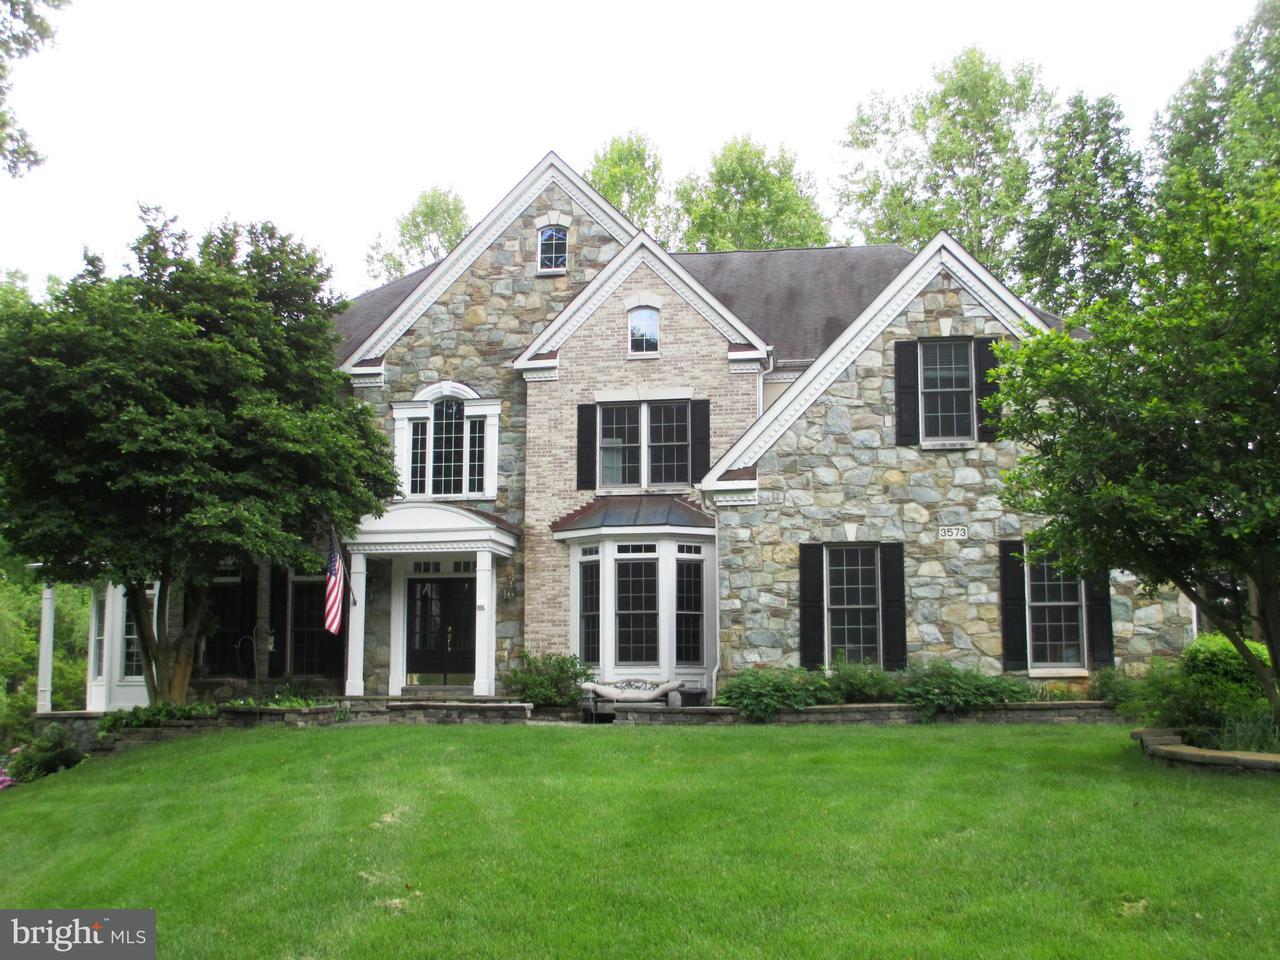 独户住宅 为 销售 在 3573 Ashland Drive 3573 Ashland Drive Davidsonville, 马里兰州 21035 美国